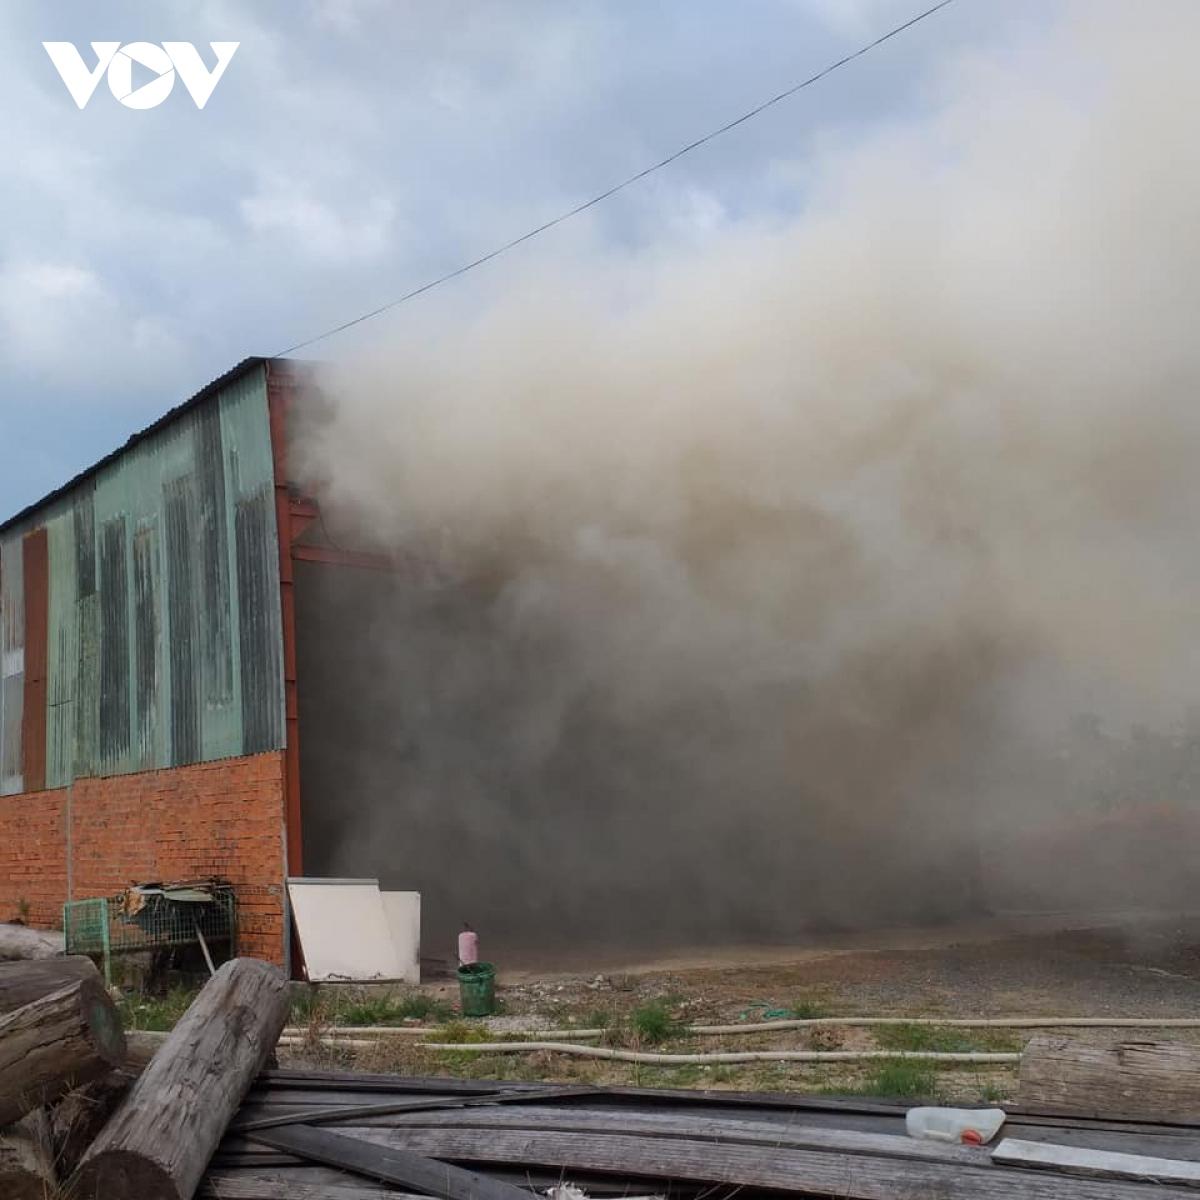 Đang cháy xưởng gỗ ở Tiền Giang, nhiều hàng hóa bị thiêu rụi - Ảnh 2.